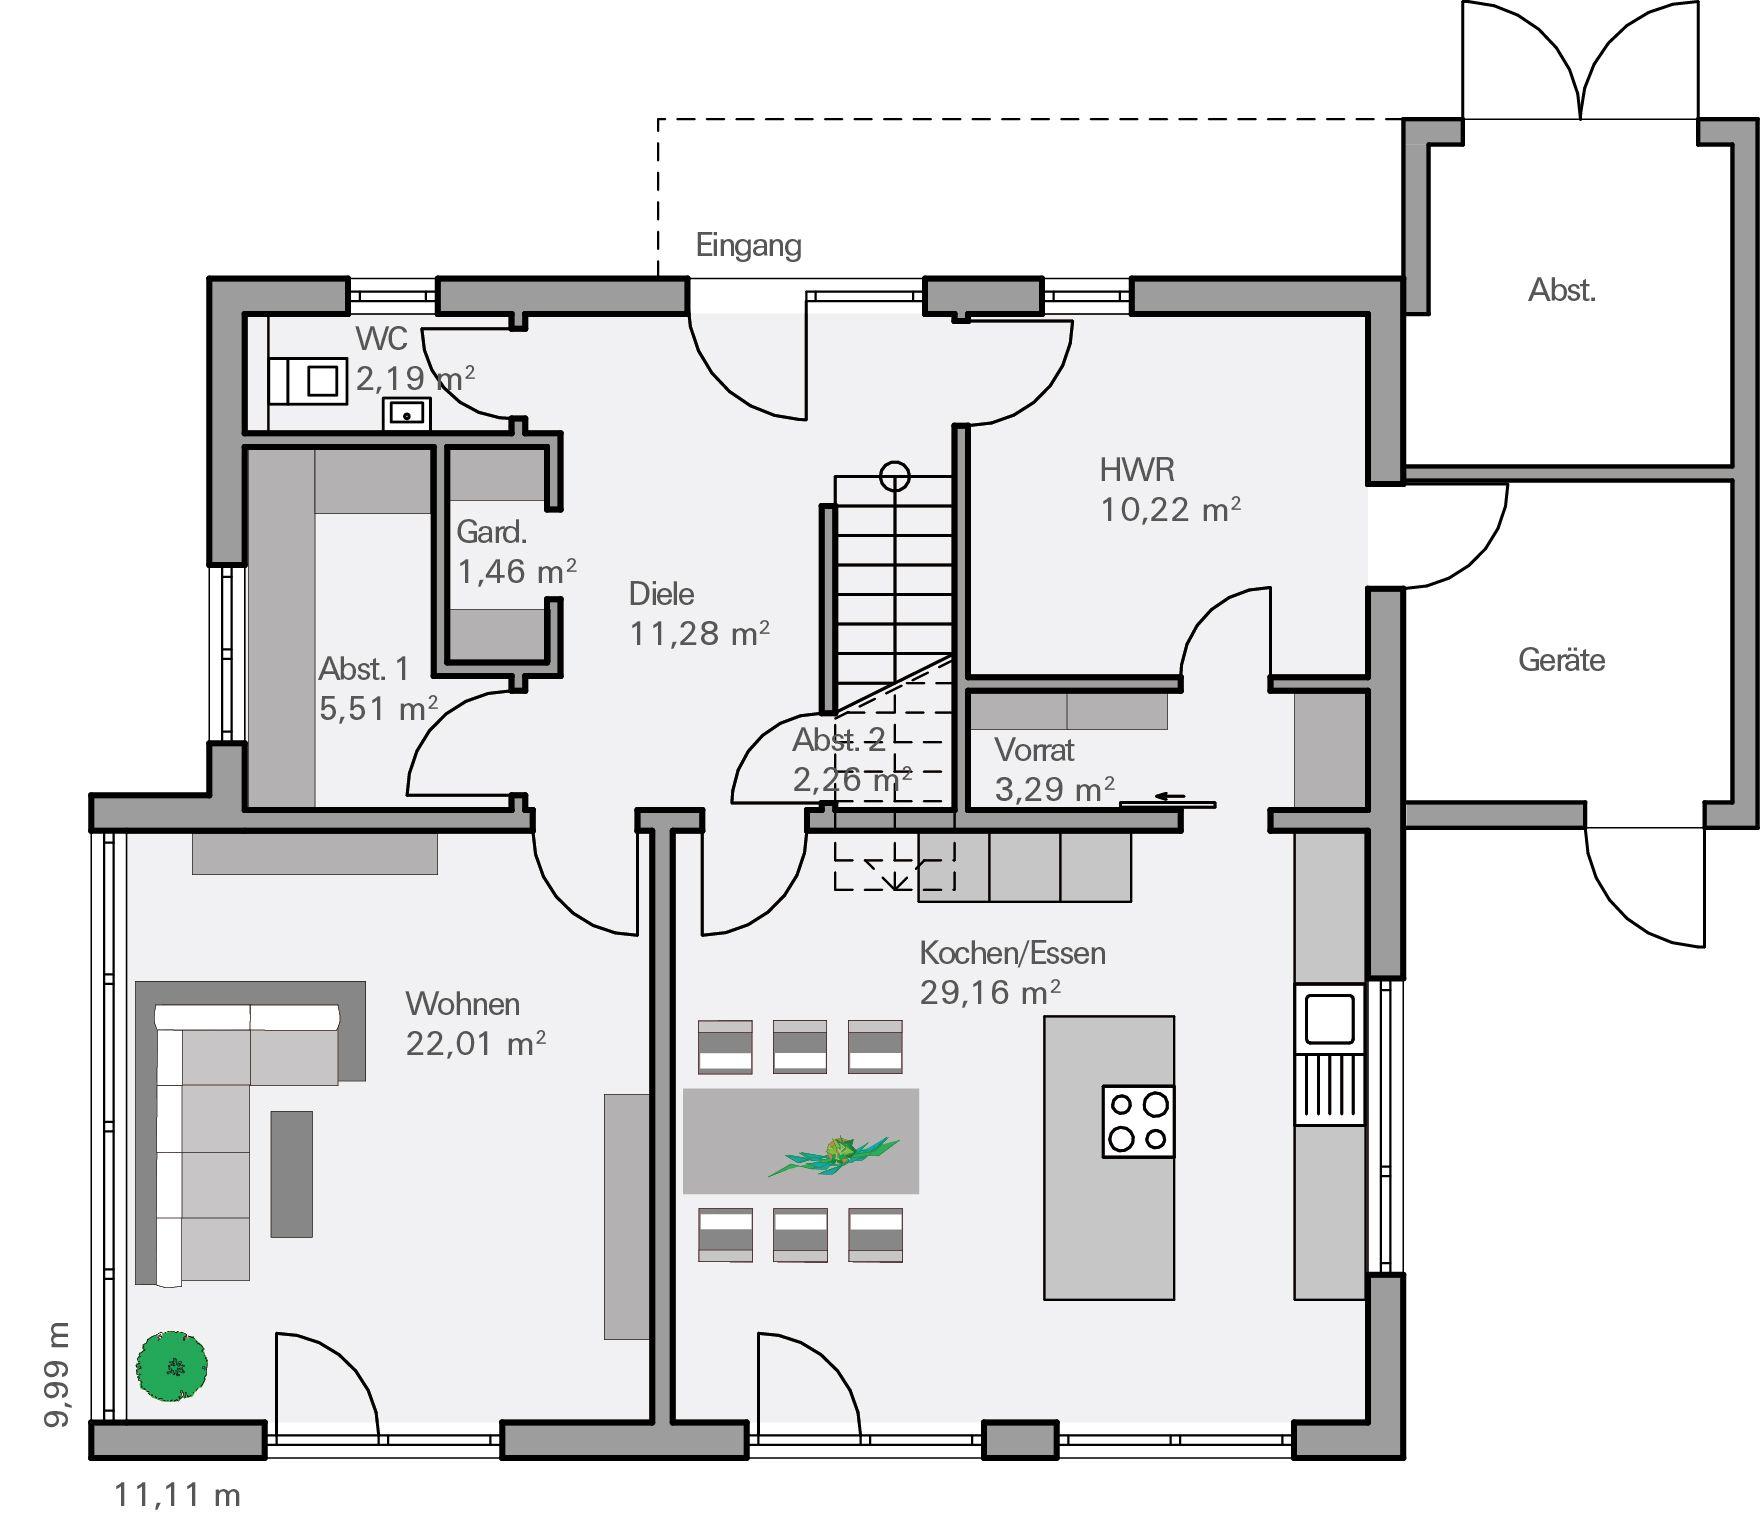 HUF Haus Grundriss EG | Fachwerk von HUF Haus | Pinterest | Haus